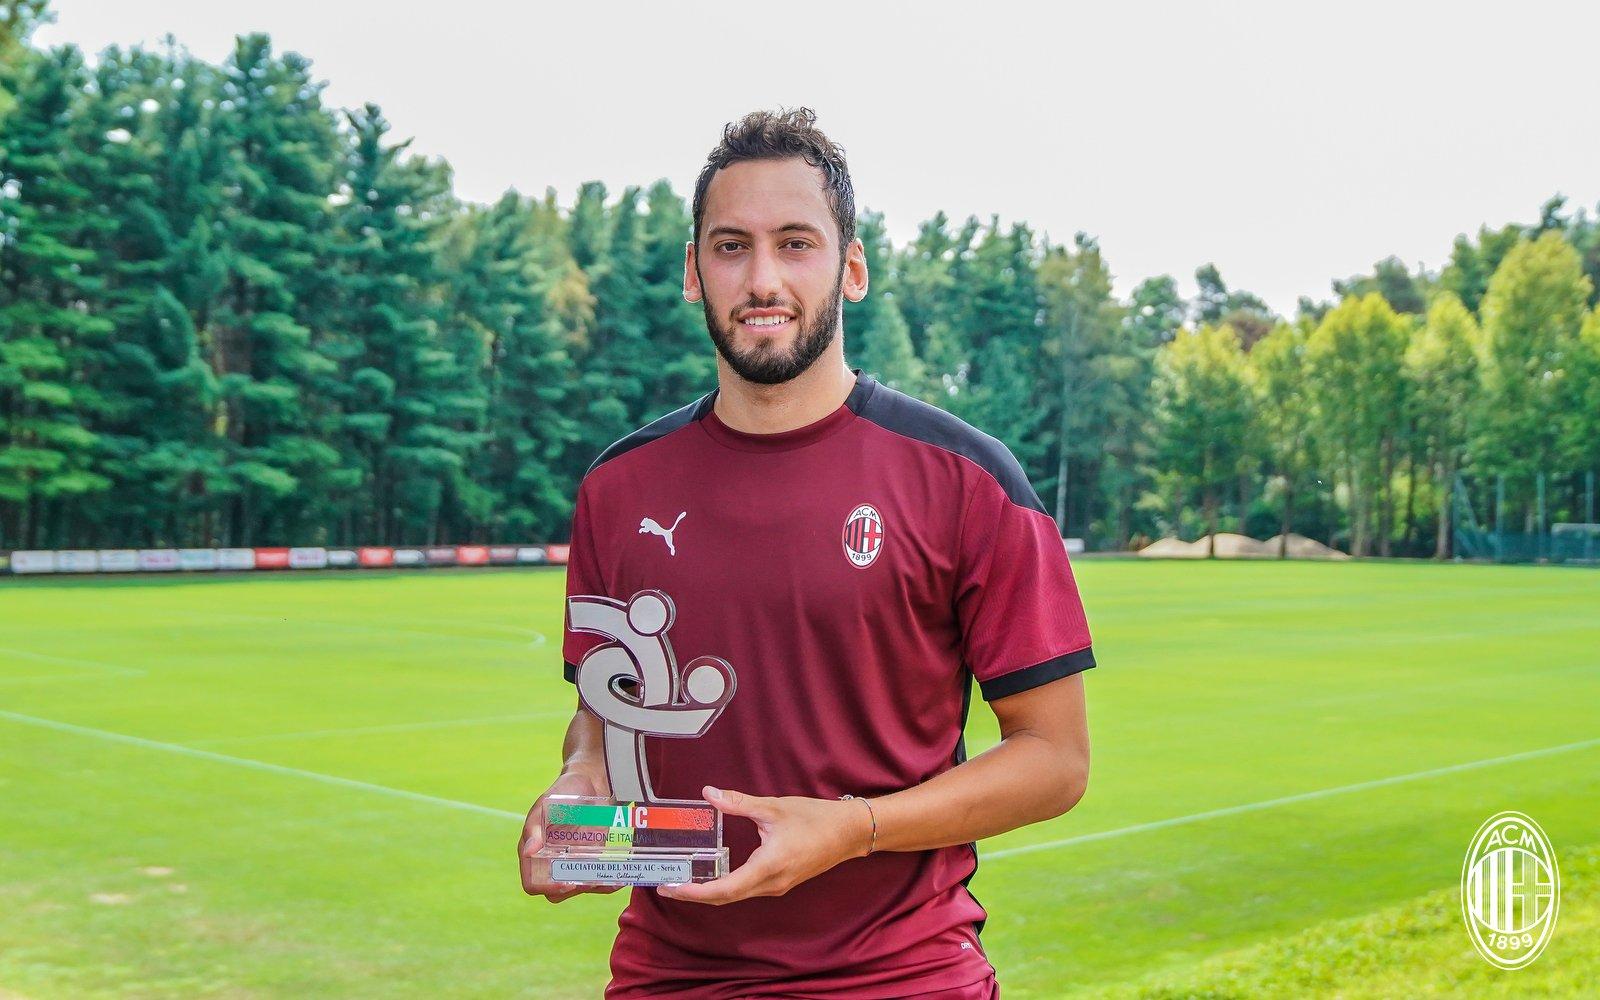 官方:恰尔汗奥卢当选米兰7月最佳球员